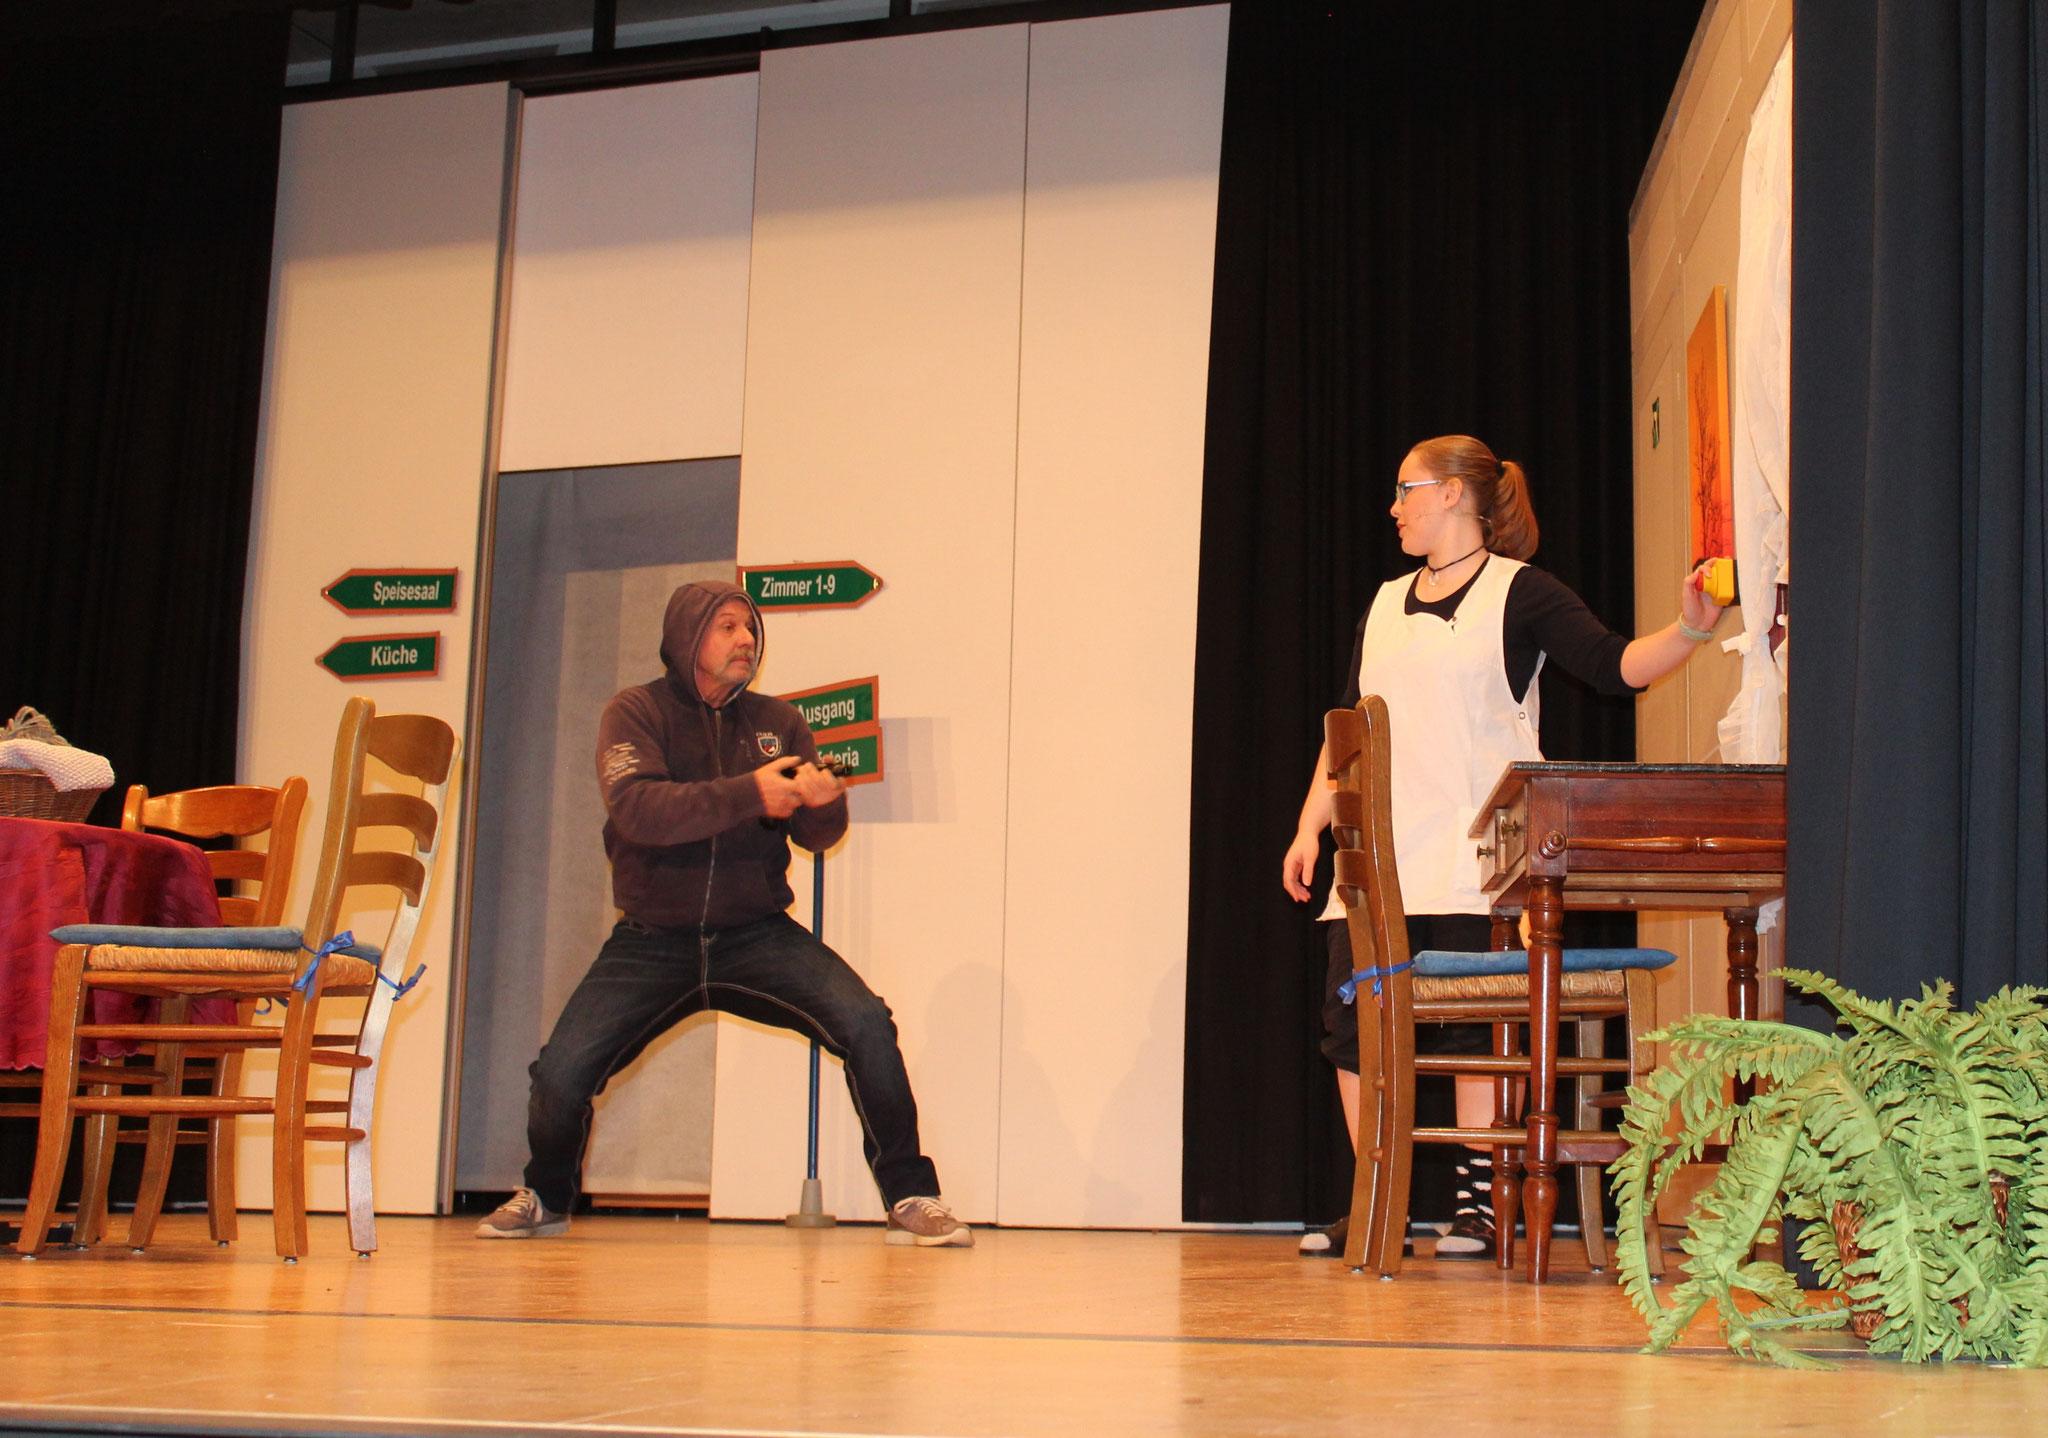 Theatergruppe spielt das Stück: Ybruch mit Näbewürkige